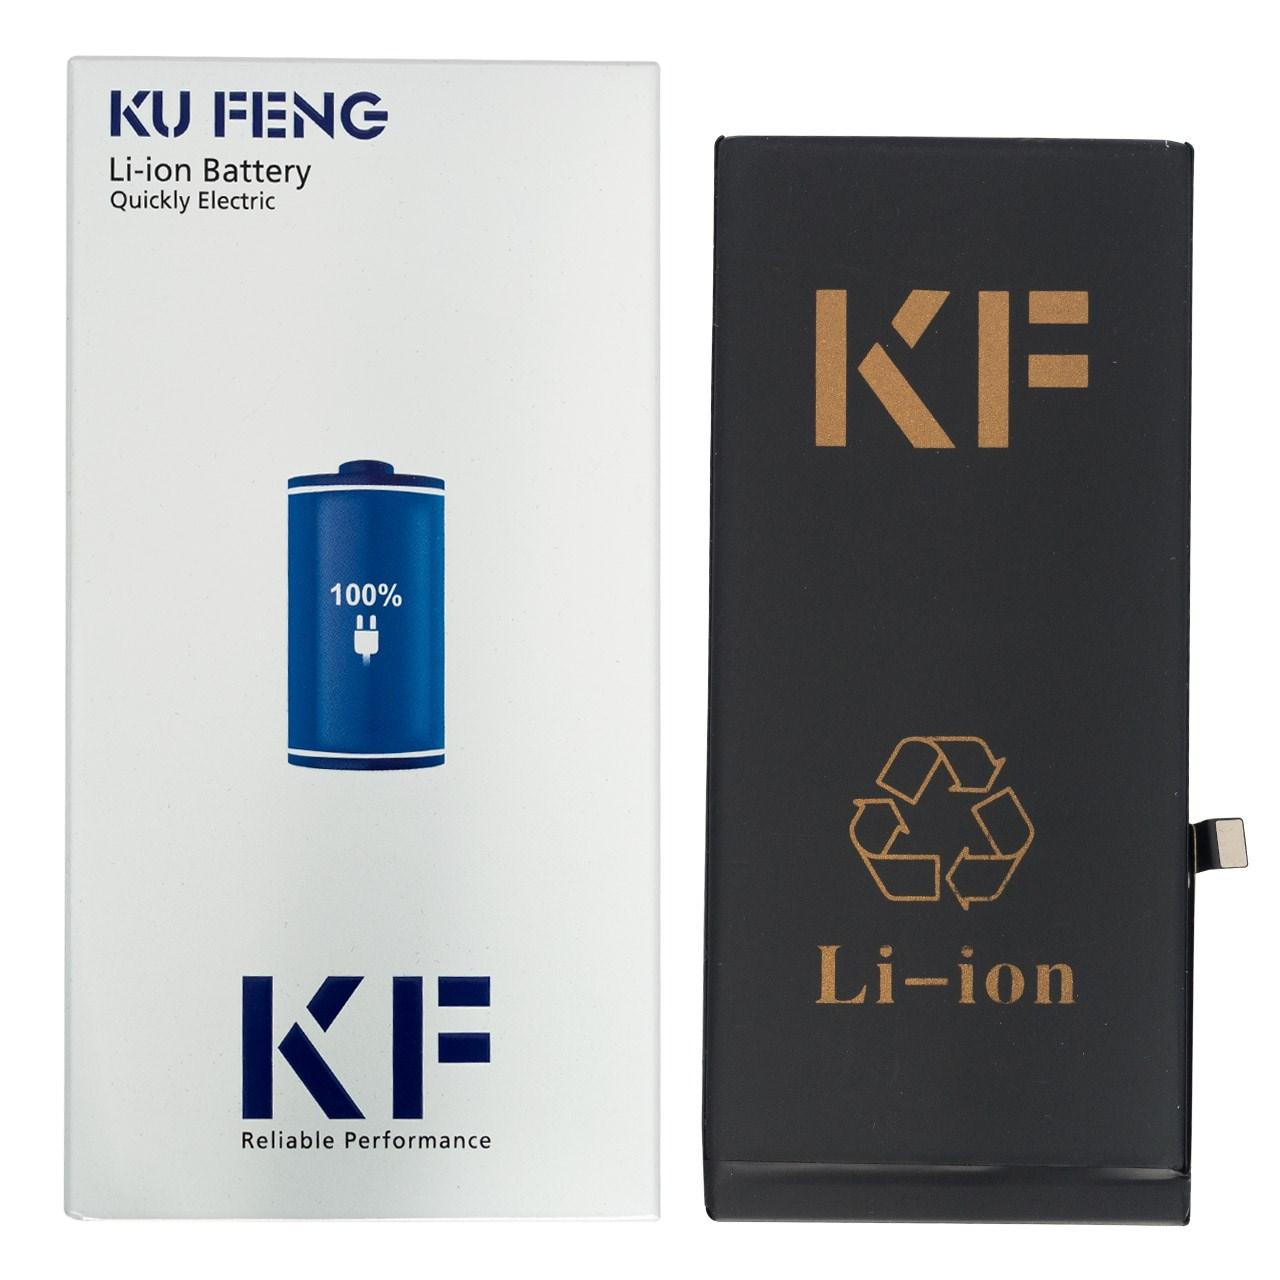 باتری موبایل کافنگ مدل KF-8G با ظرفیت 1821mAh مناسب برای گوشی های موبایل آیفون 8